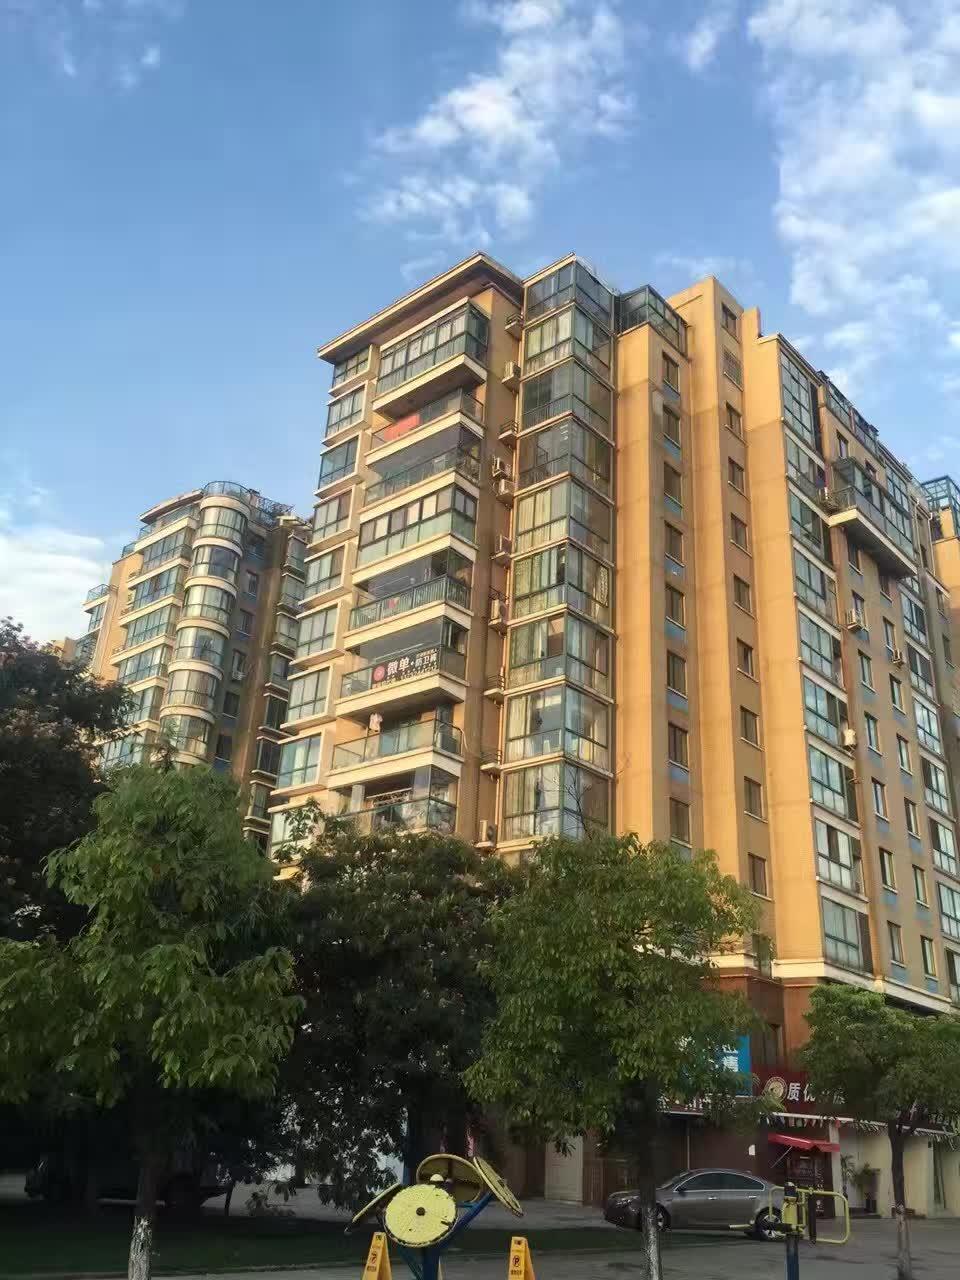 现代广场90送车位 精装修 高楼层 205万诚售